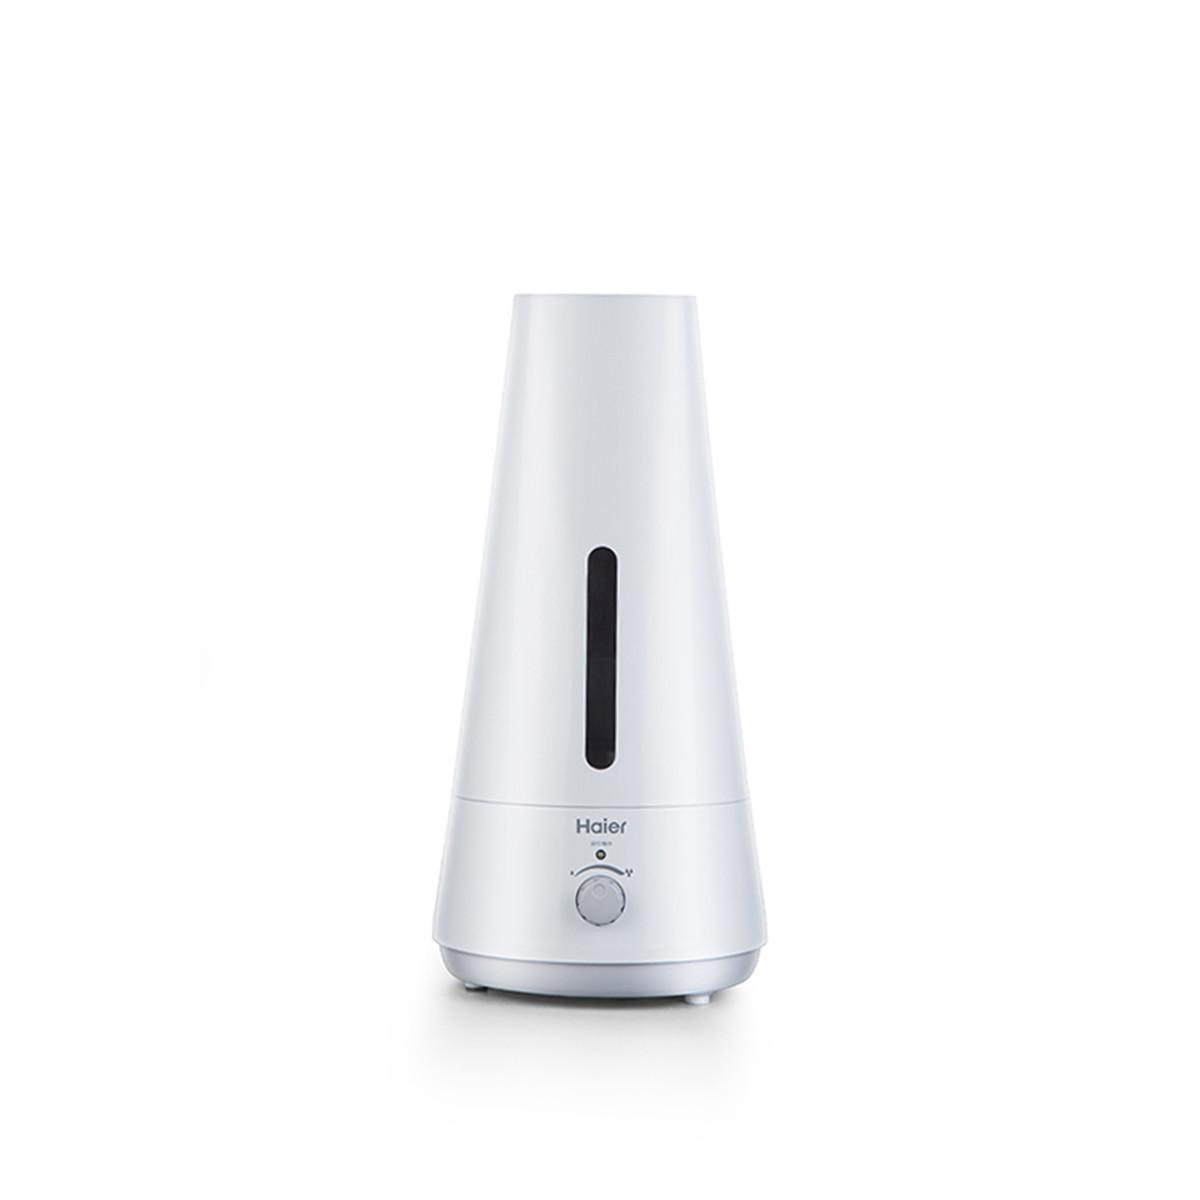 海尔海尔加湿器家用静音卧室办公室空调空气孕妇婴儿大容量加湿器SCK-PJ8301A